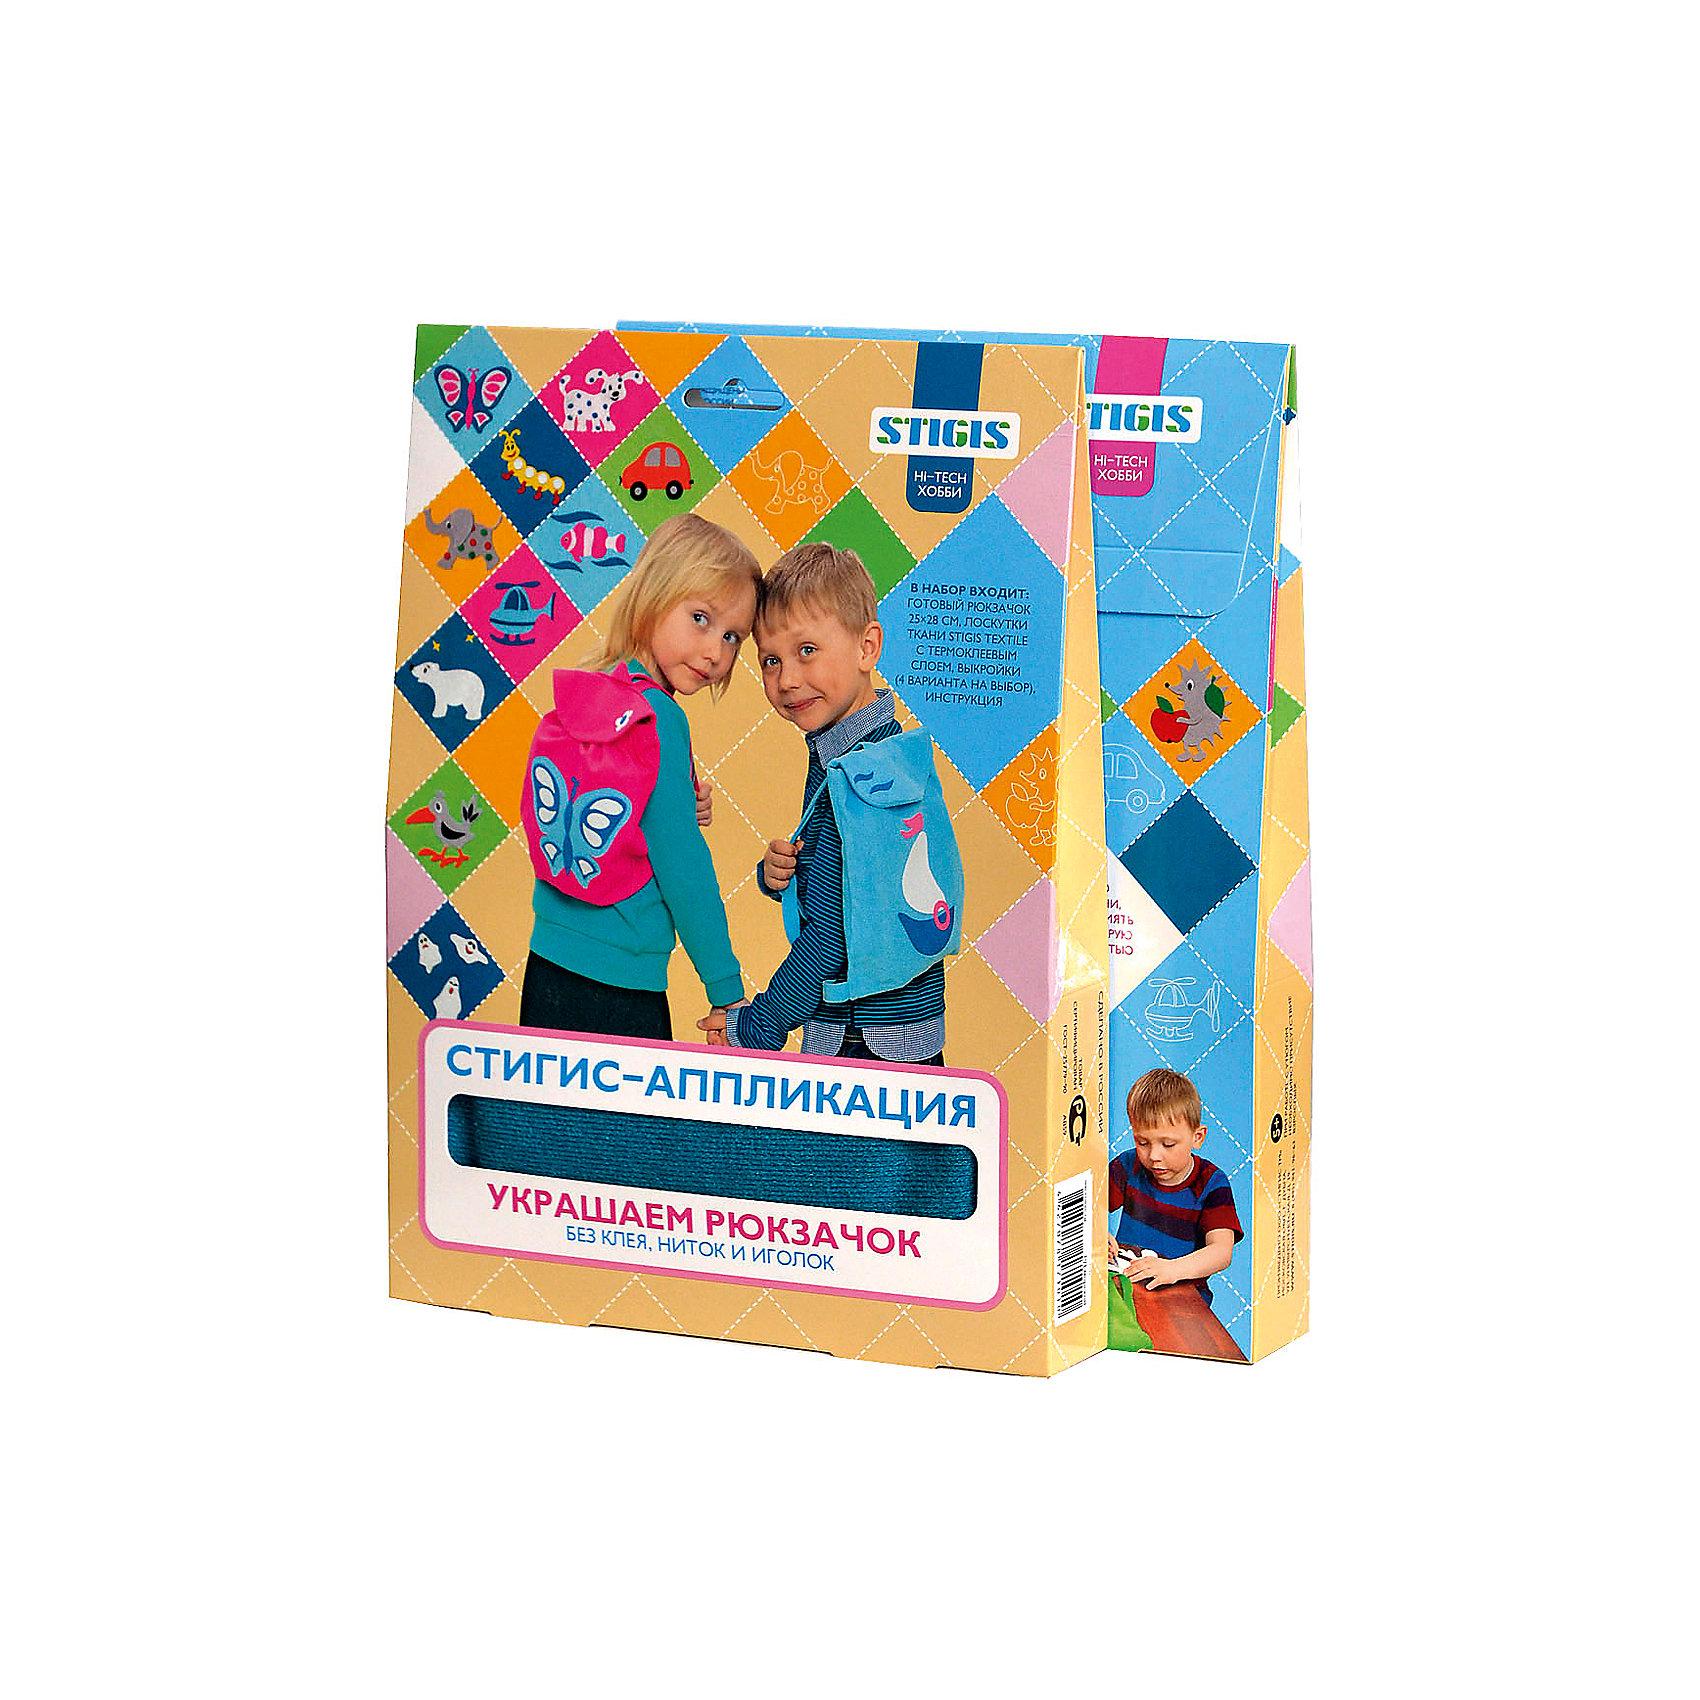 Стигис-аппликация Рюкзак детский, морскойС помощью набора для стигис-аппликации ребенок сможет создать себе уникальный рюкзачок с собственным дизайном.  Для создания красивой аппликации нужно  лишь придумать желаемый рисунок, нарисовать его на stigis-ткани, вырезать, приложить к рюкзаку и прогладить утюгом. Если готовая аппликация не понравилась, ее можно легко удалить, прогладив утюгом еще раз. Все материалы гипоаллергенны и безопасны. Такое творчество развивает усидчивость, аккуратность и дизайнерские способности ребенка. Прекрасный выбор для начинающих дизайнеров!<br><br>Дополнительная информация:<br>В комплекте: рюкзачок, stigis-ткань, выкройки, инструкция<br>Цвет: синий<br>Размер: 3,5х27х20 см<br>Вес: 120 грамм<br>Набор для стигис-аппликации Рюкзачок можно приобрести в нашем интернет-магазине.<br><br>Ширина мм: 200<br>Глубина мм: 270<br>Высота мм: 35<br>Вес г: 120<br>Возраст от месяцев: 36<br>Возраст до месяцев: 72<br>Пол: Унисекс<br>Возраст: Детский<br>SKU: 4939432